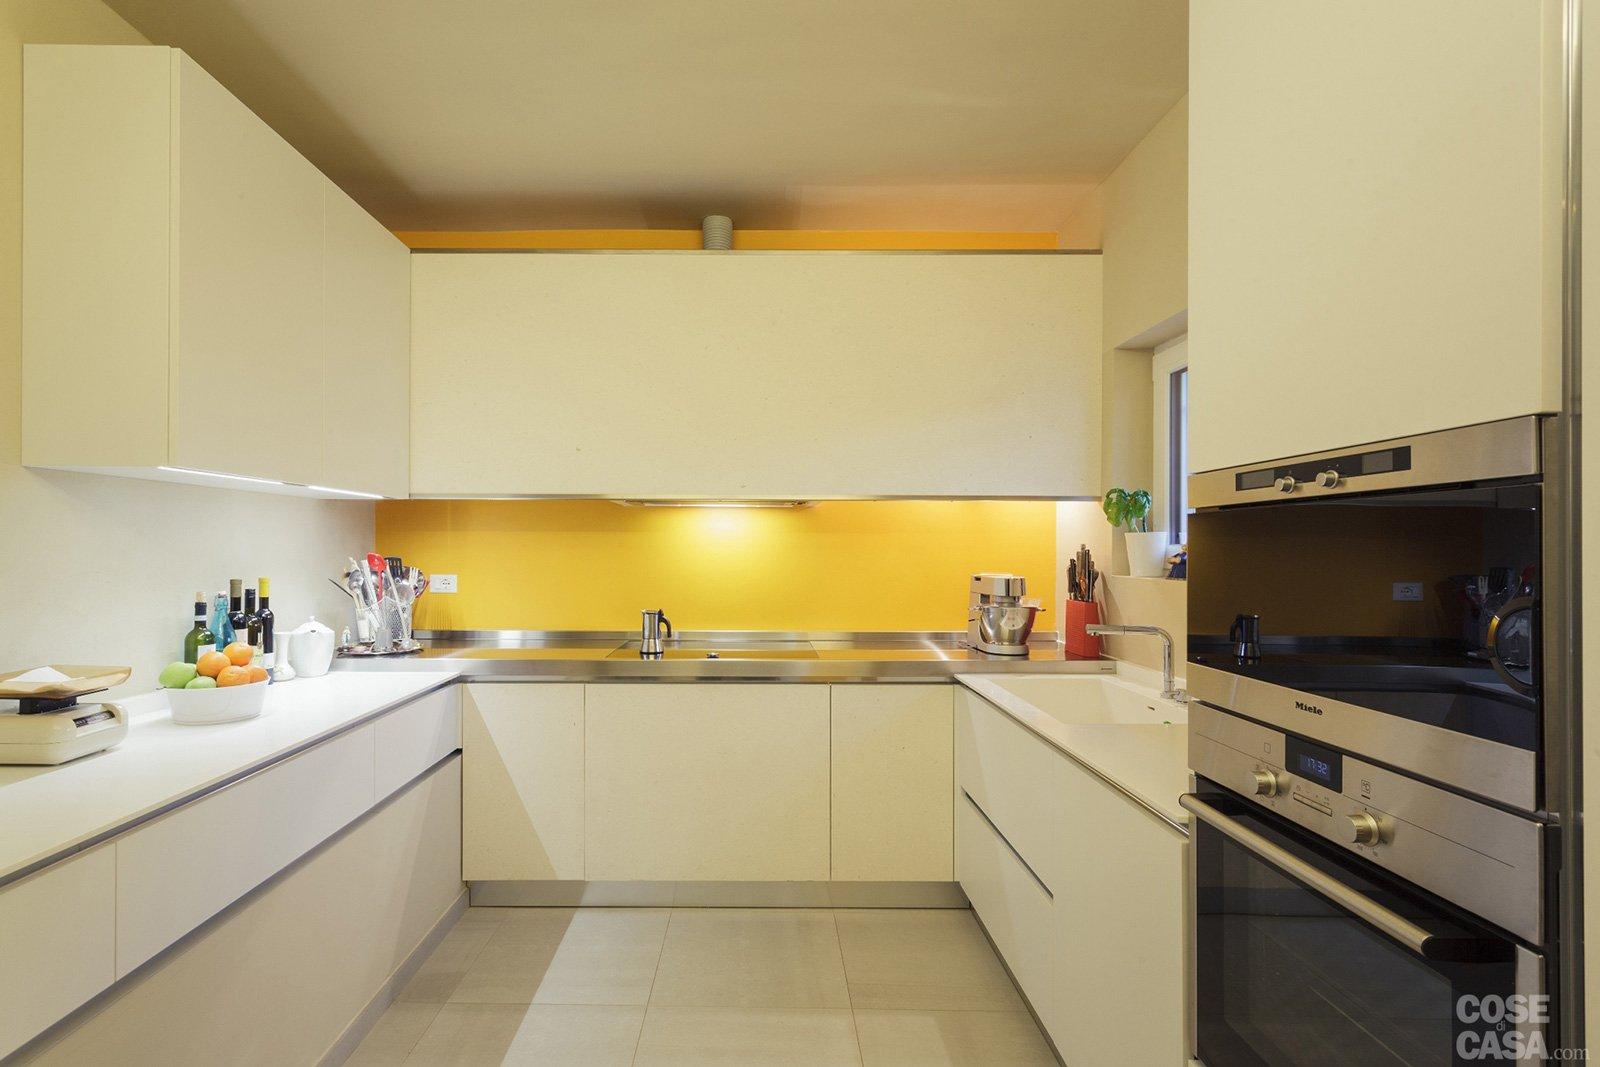 Una casa ristrutturata per il risparmio energetico cose - Smalto per pareti bagno ...